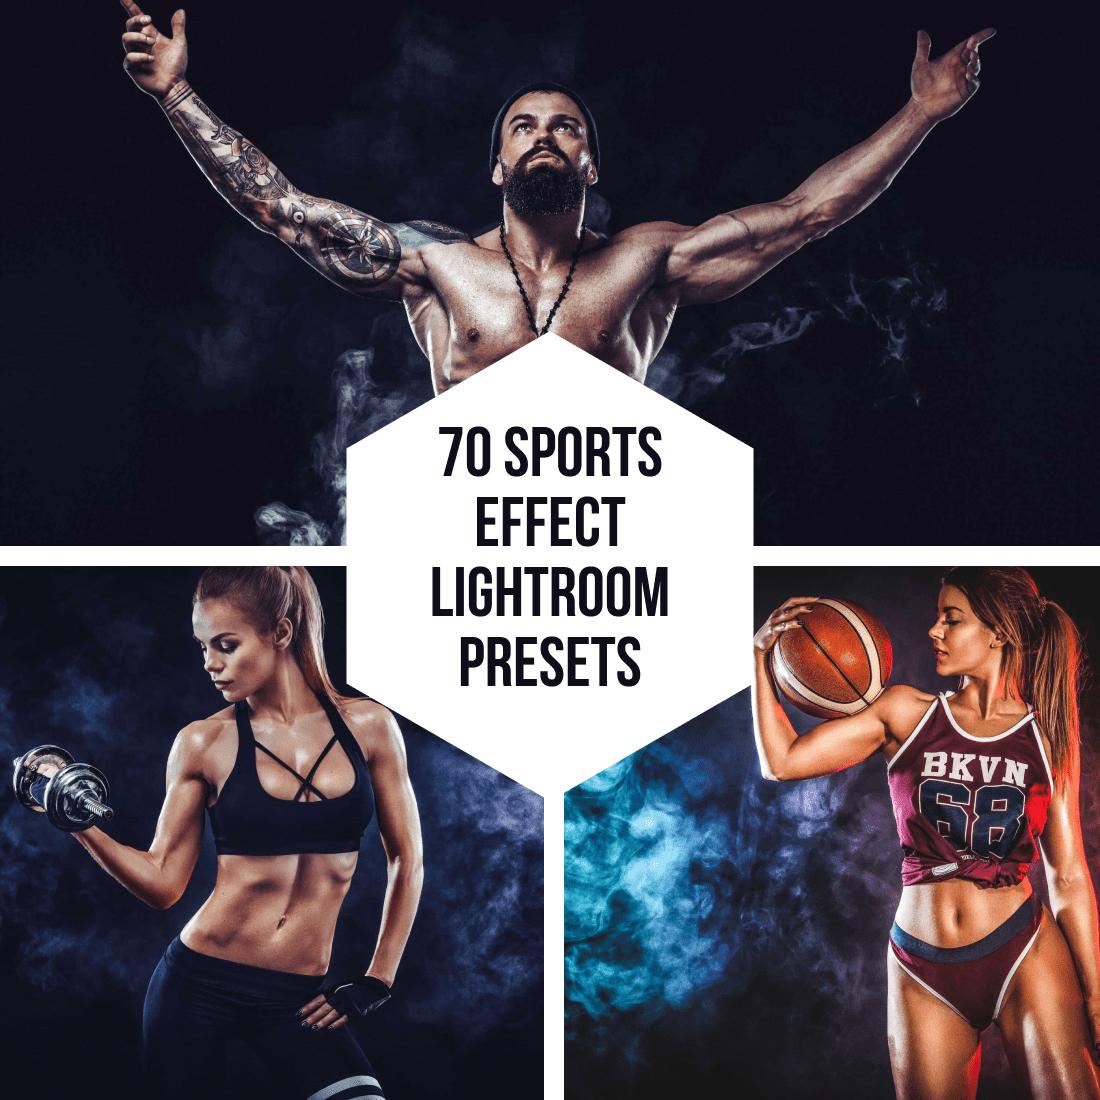 70 Sports Effect Lightroom Presets